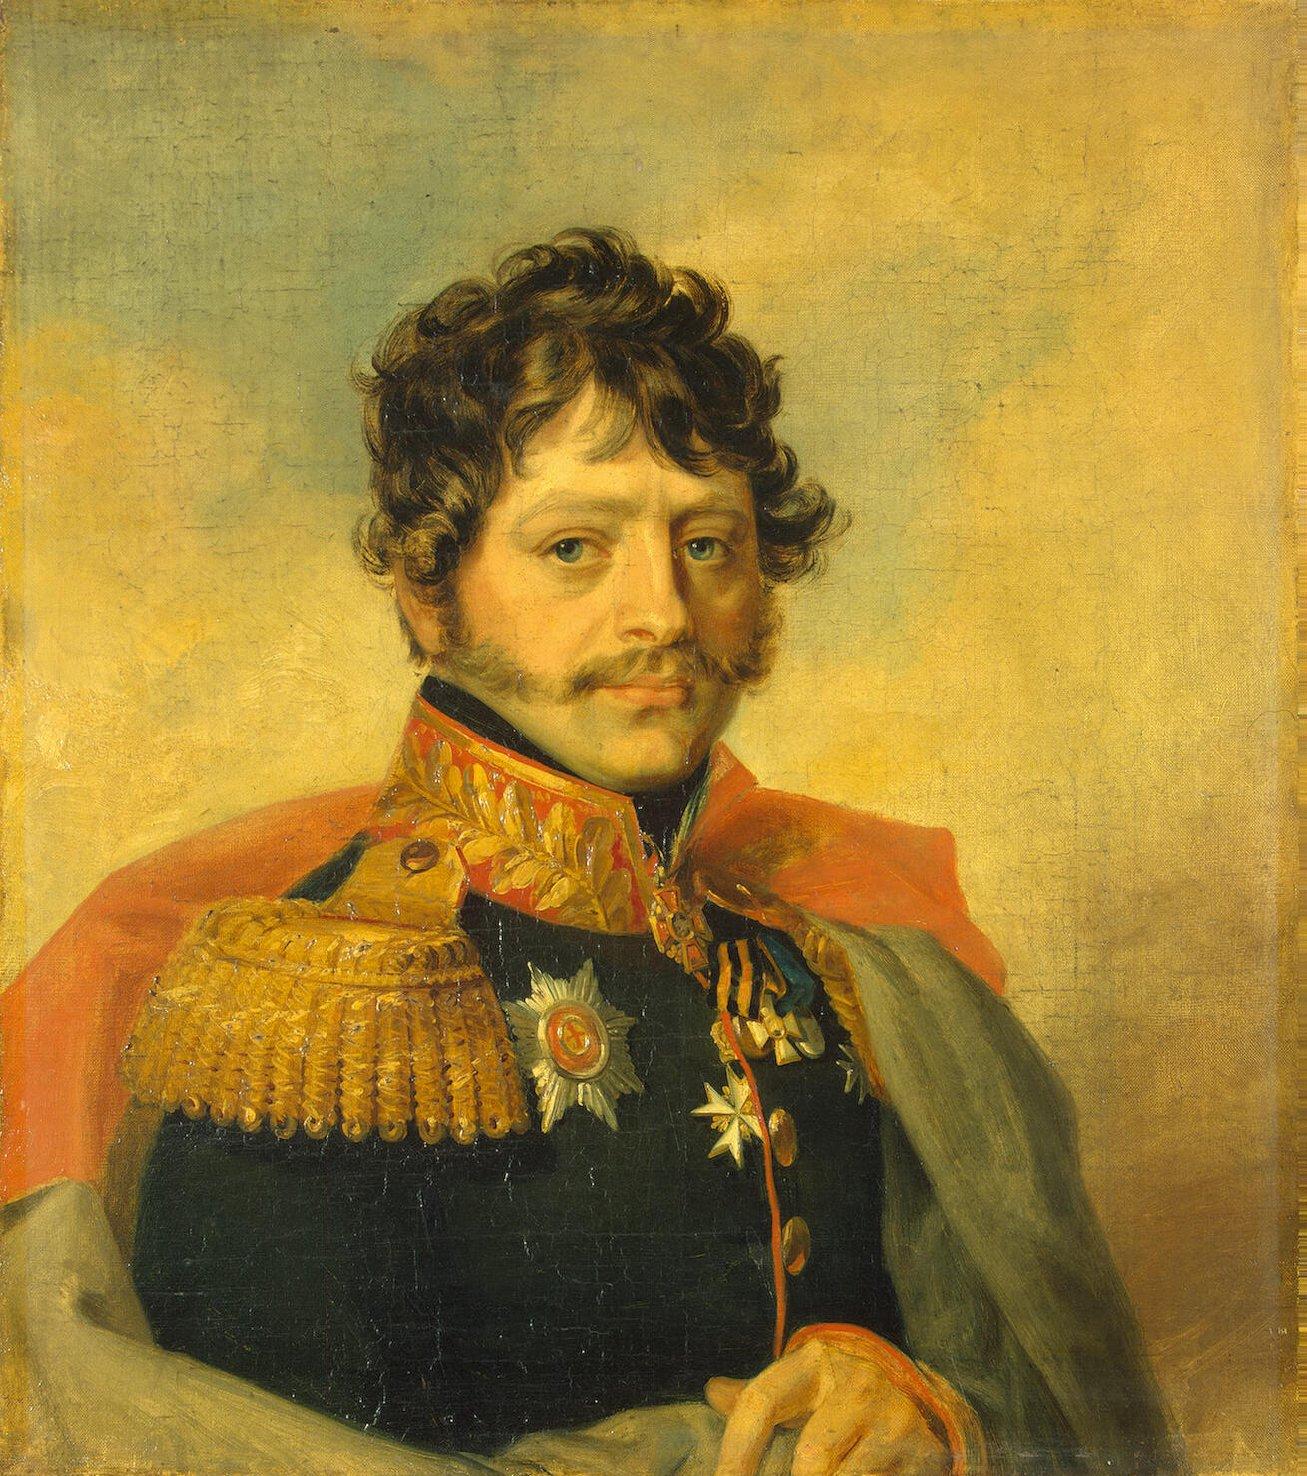 Аргамаков, Иван Андреевич